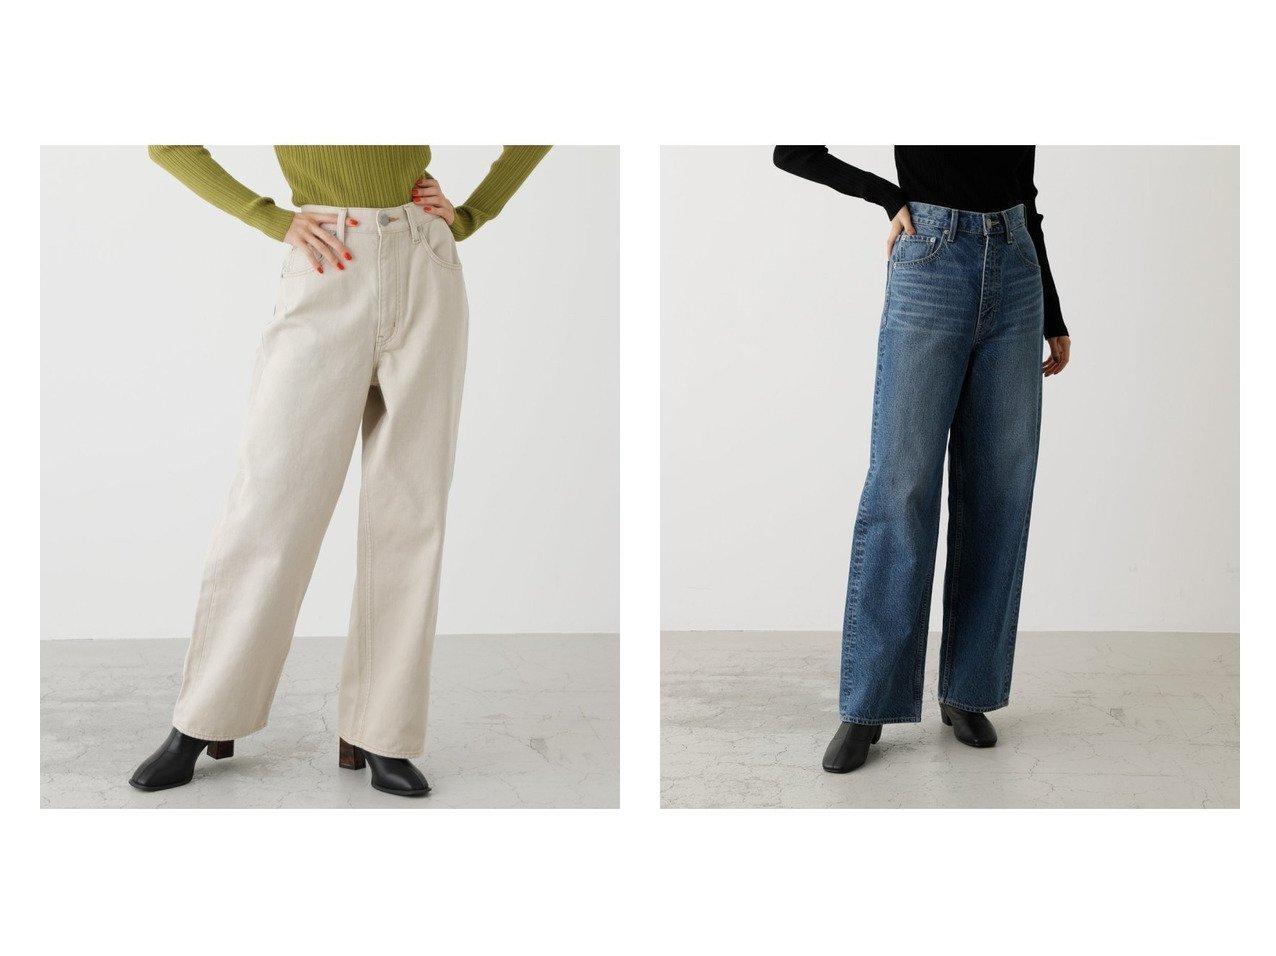 【AZUL by moussy/アズール バイ マウジー】のハイウエストデニムワイドII パンツのおすすめ!人気、トレンド・レディースファッションの通販 おすすめで人気の流行・トレンド、ファッションの通販商品 メンズファッション・キッズファッション・インテリア・家具・レディースファッション・服の通販 founy(ファニー) https://founy.com/ ファッション Fashion レディースファッション WOMEN パンツ Pants 2020年 2020 2020-2021 秋冬 A/W AW Autumn/Winter / FW Fall-Winter 2020-2021 A/W 秋冬 AW Autumn/Winter / FW Fall-Winter クール ジーンズ |ID:crp329100000023267